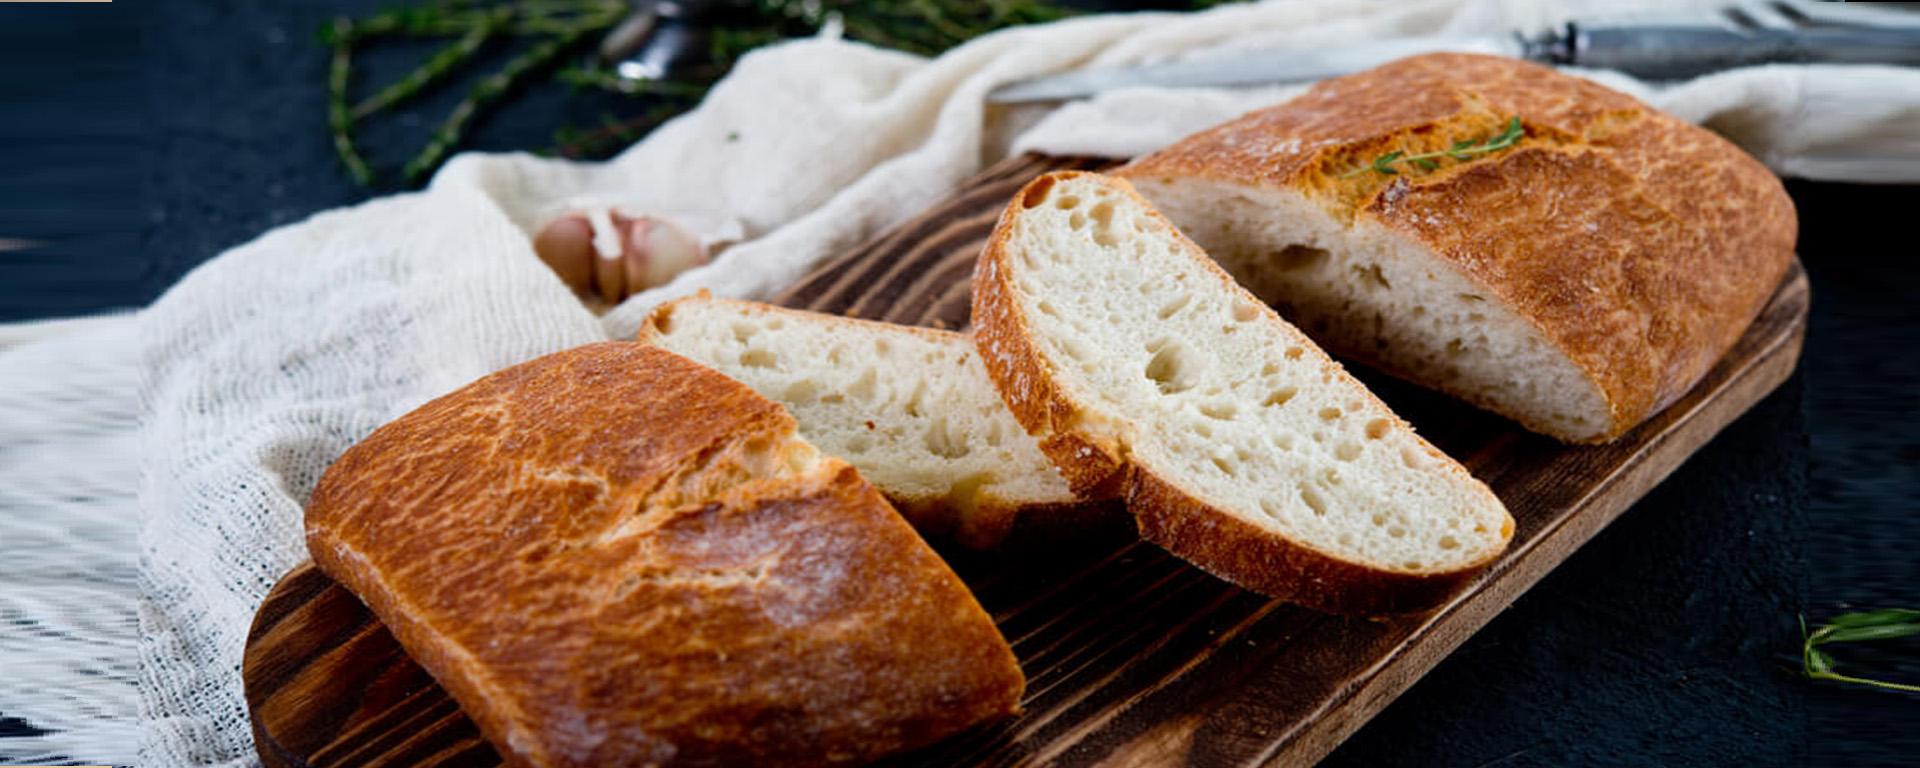 Por que o pão italiano é azedo?